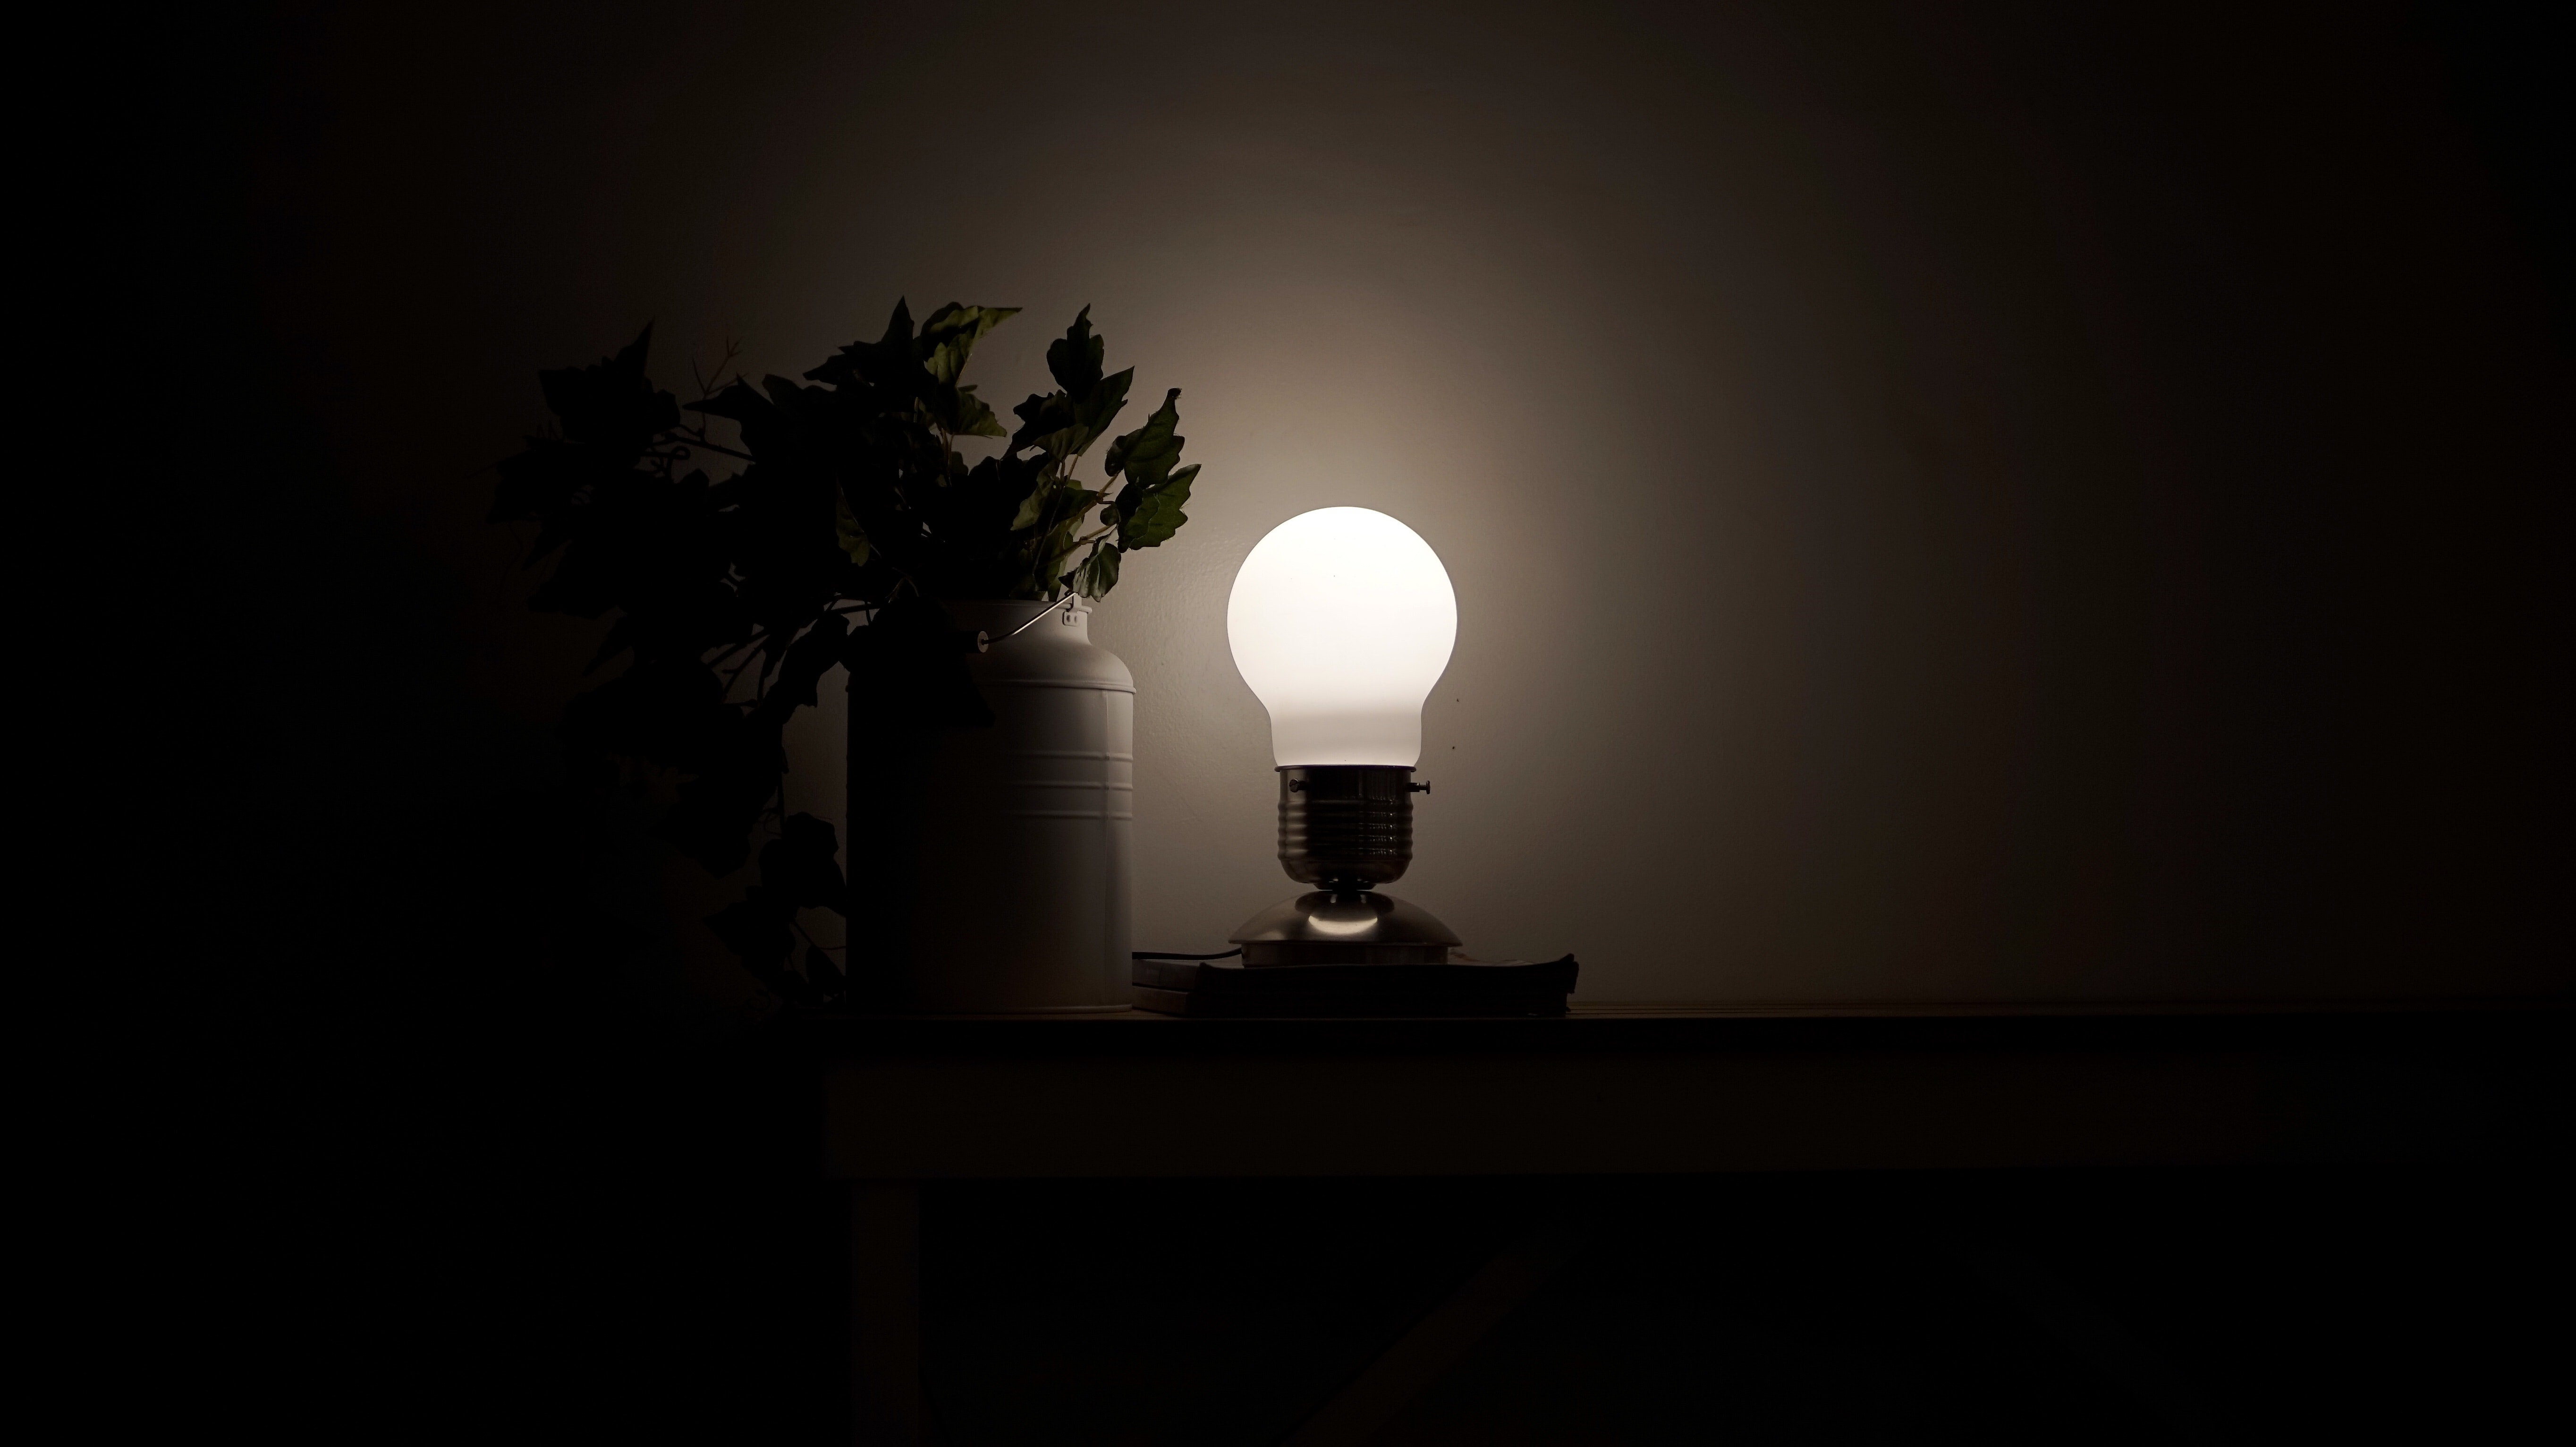 Free stock photo of Bulb lamp, desk lamp, lamp